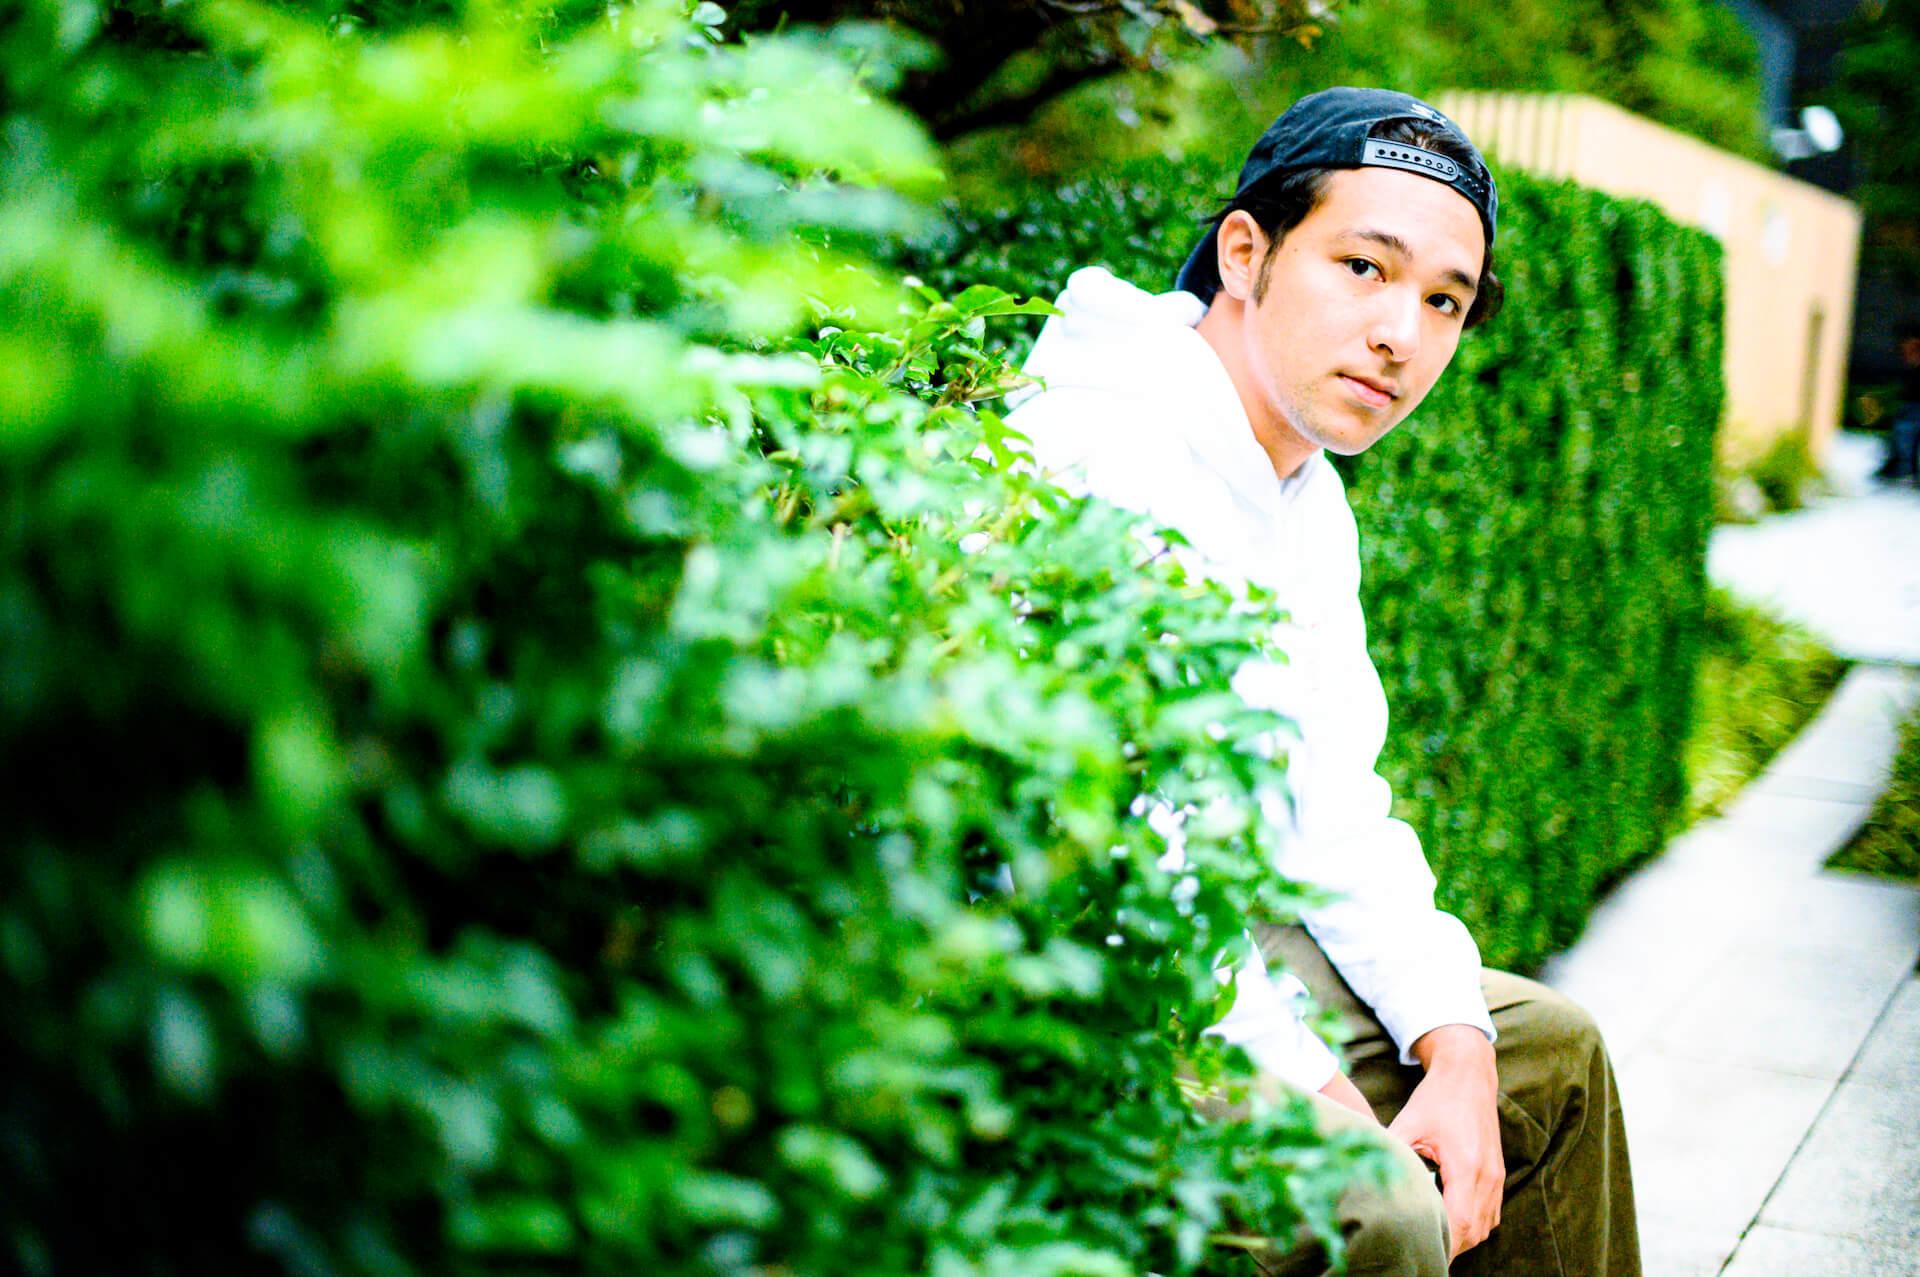 さらなる高みを目指すSANABAGUN.が4thアルバム『BALLADS』で求めた変化 interview-sanabagun-8